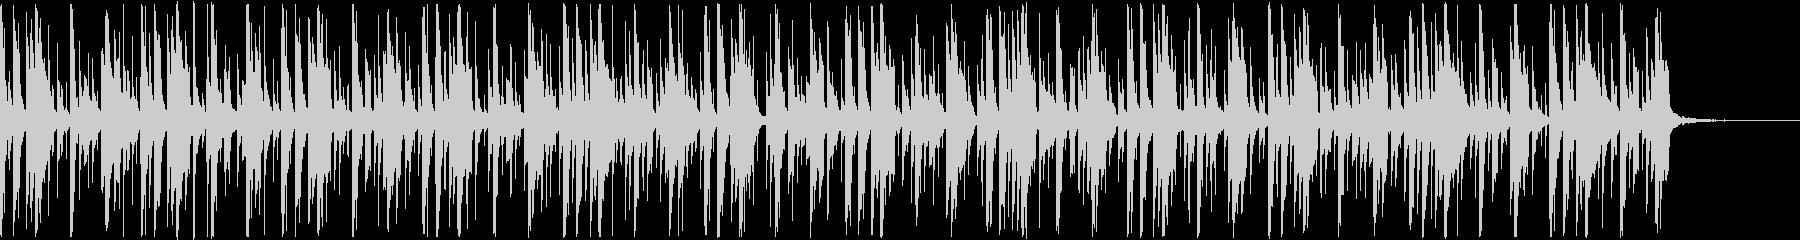 支離滅裂・狂気をイメージしたBGMの未再生の波形